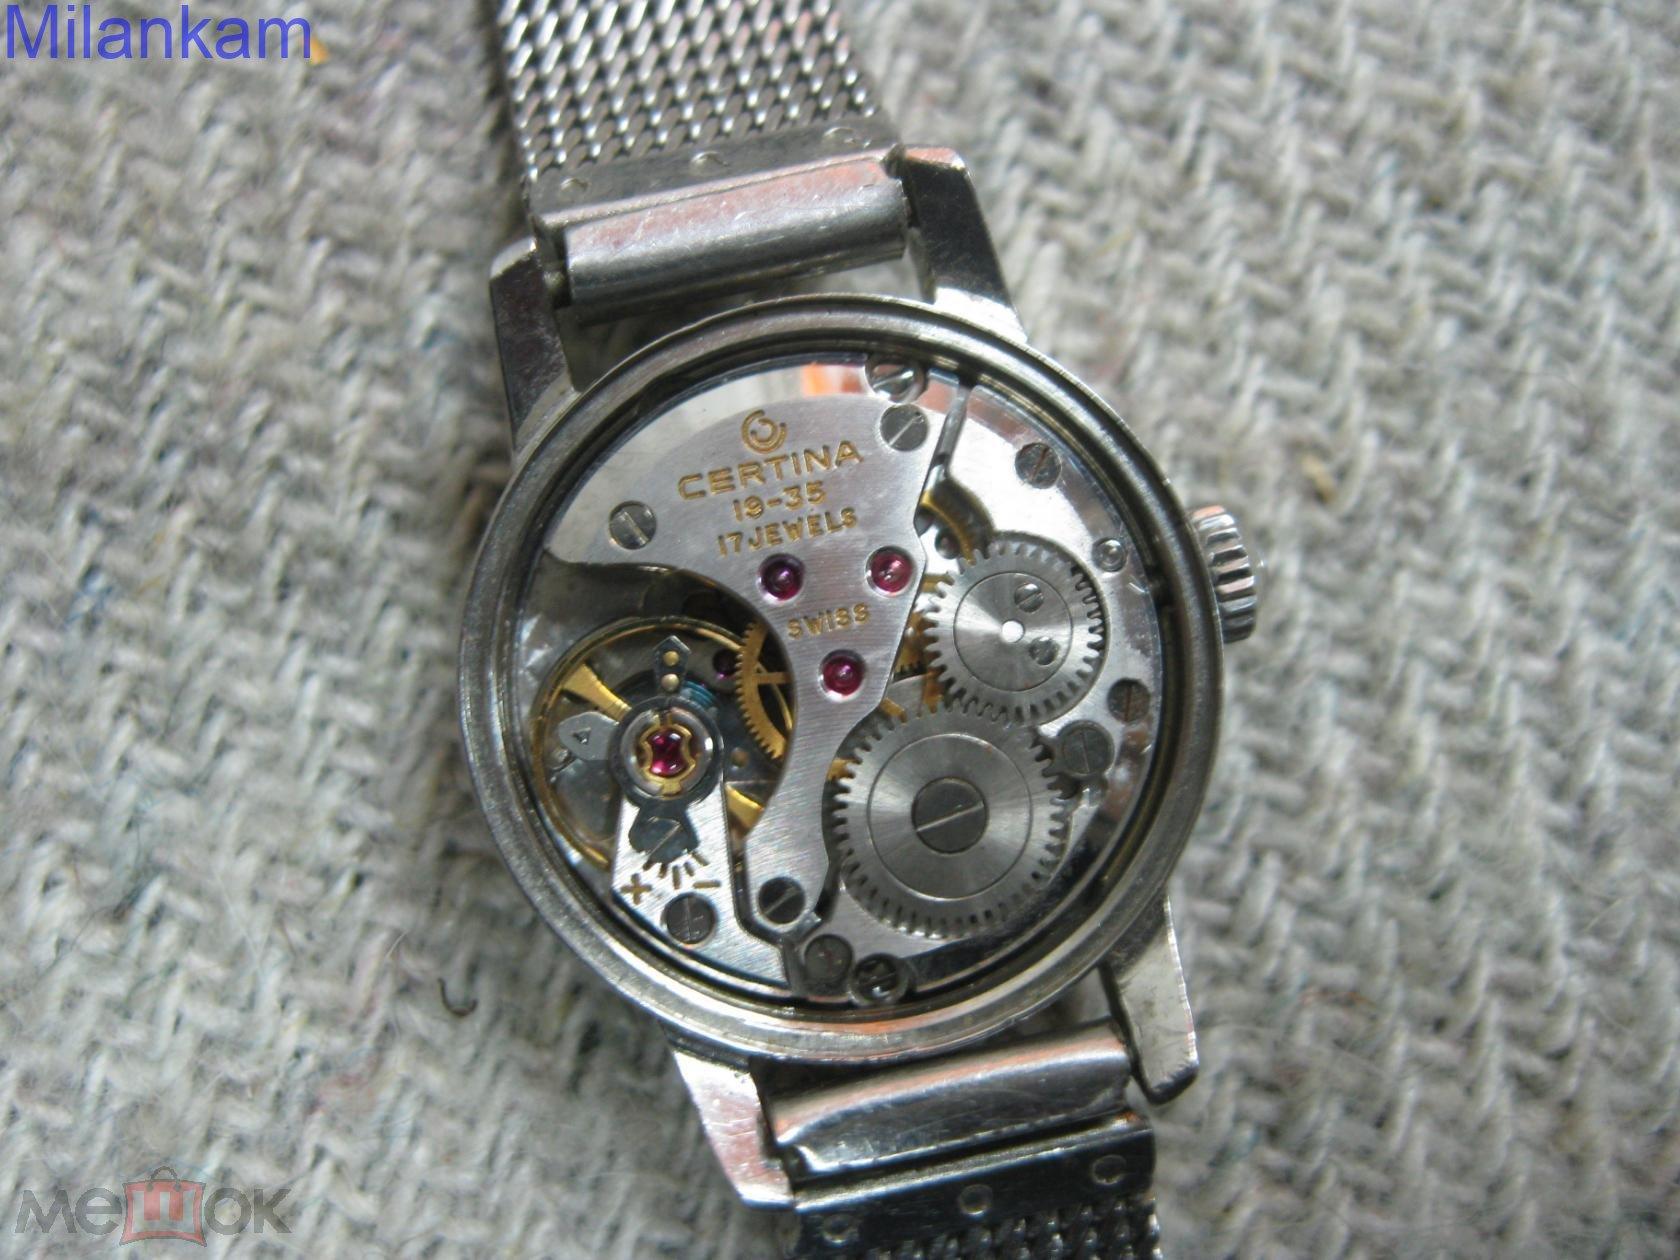 Ремонт женских механических наручных часов часы киев купить швейцарские